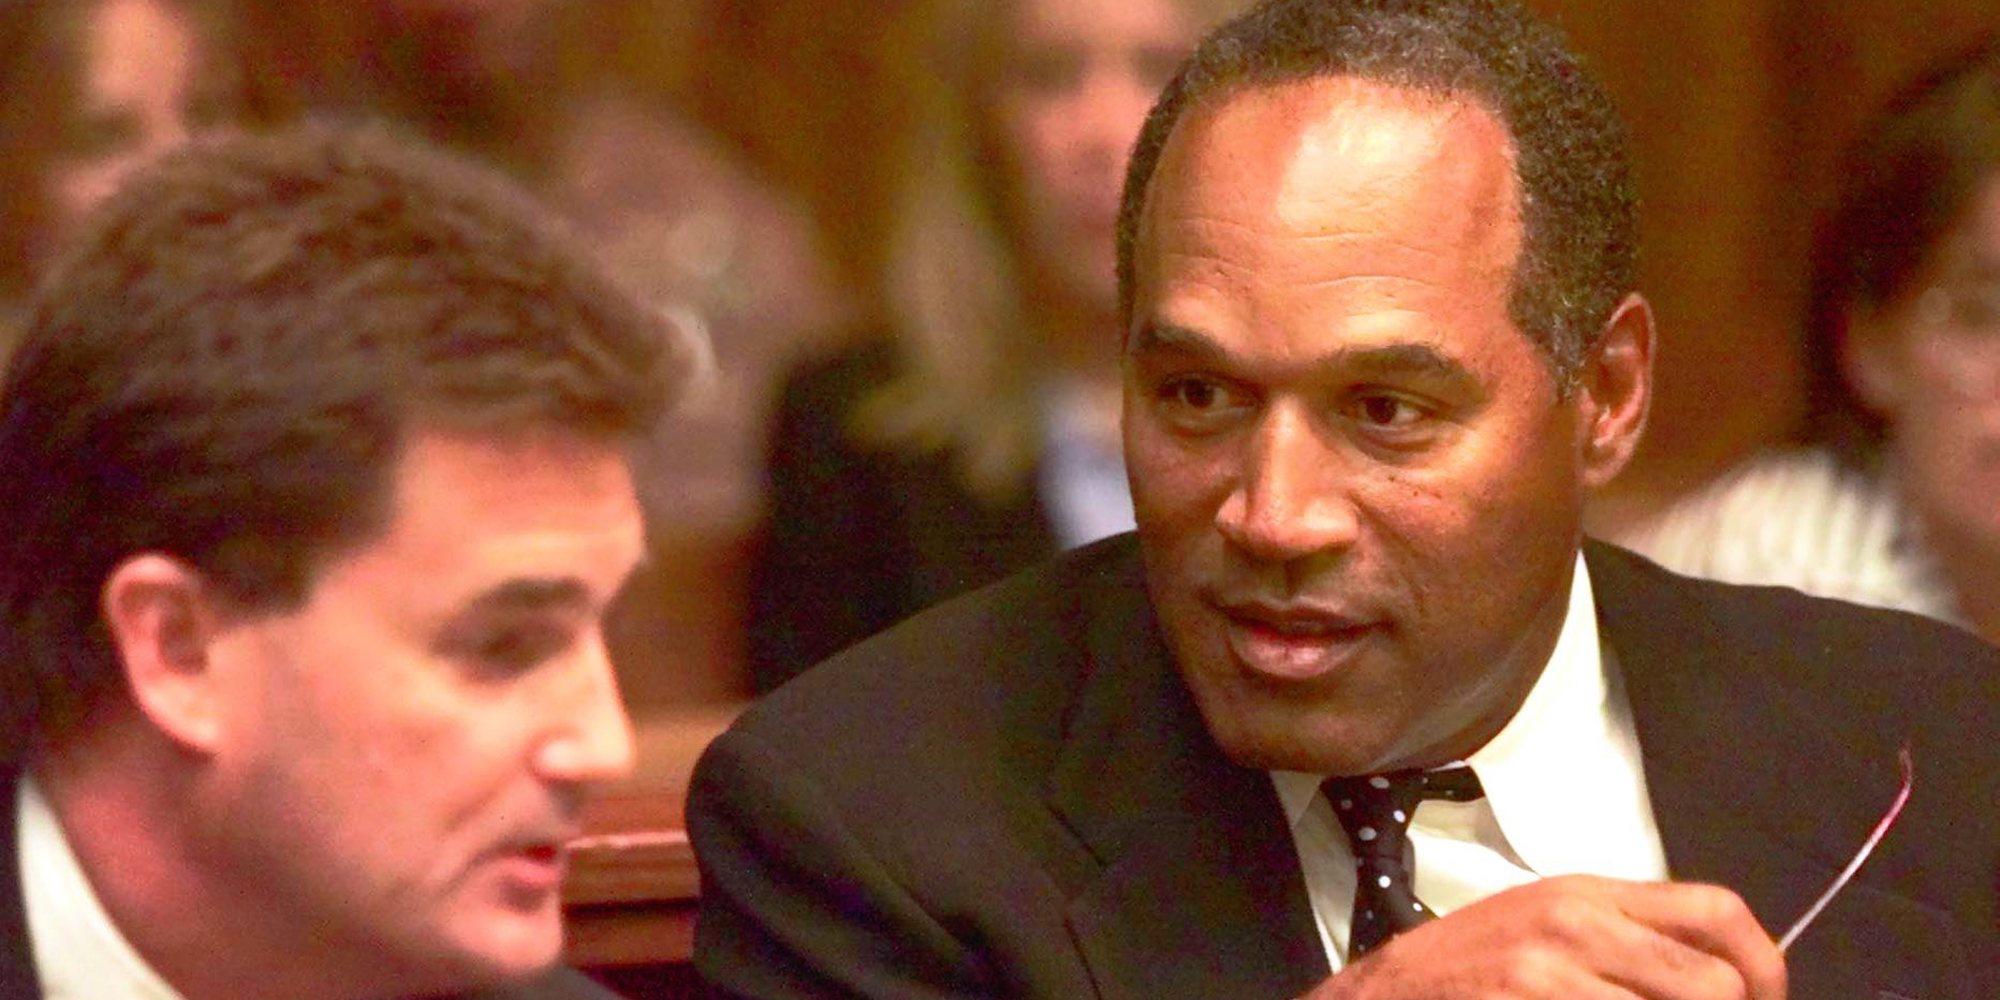 El juicio de O.J. Simpson por la muerte de Nicole Brown y Ronald Goldman 25 años después